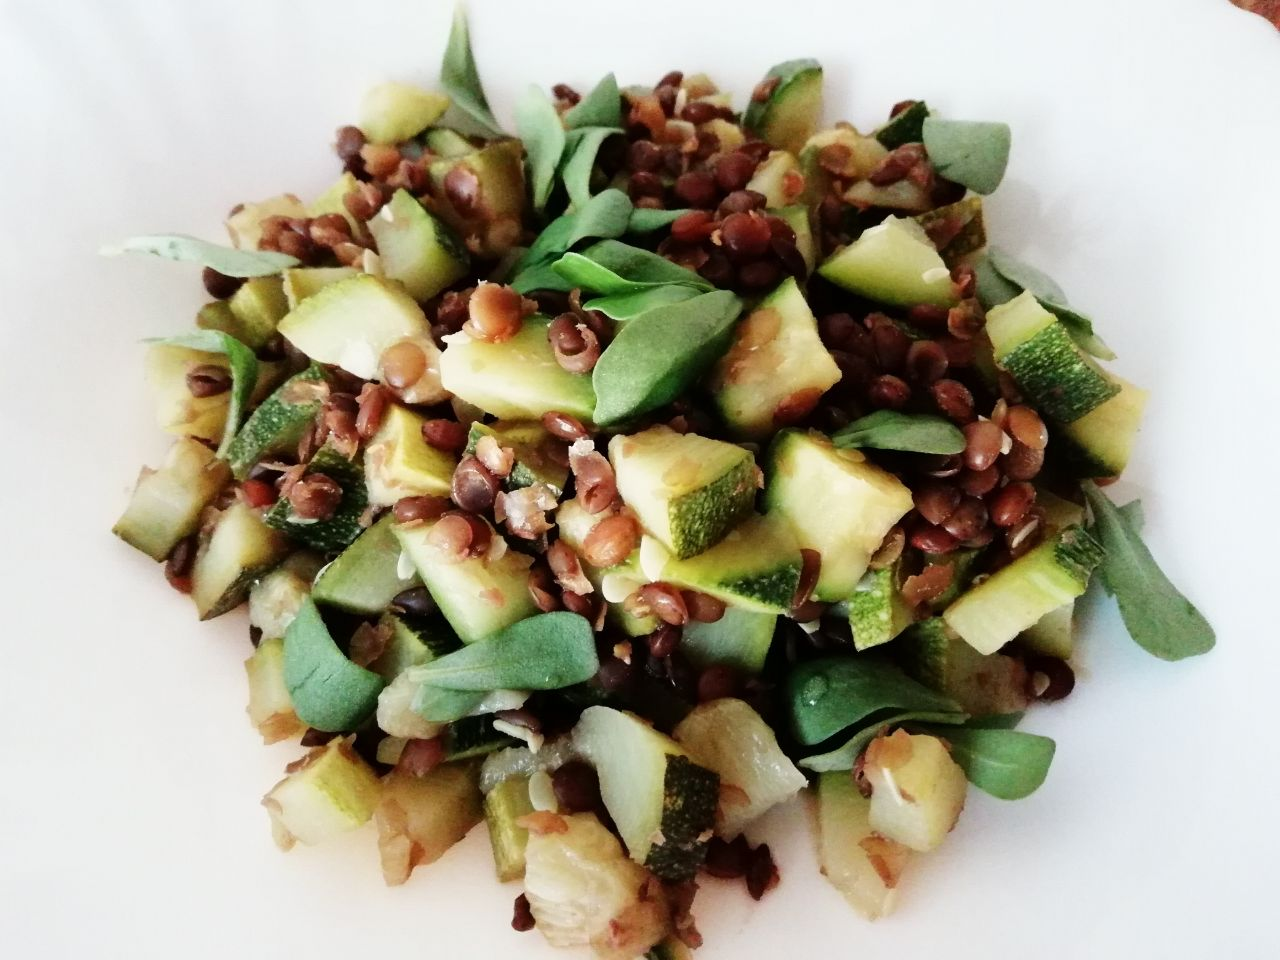 Ricette a base di legumi: lenticchie con zucchine e portulaca, economiche e leggere!